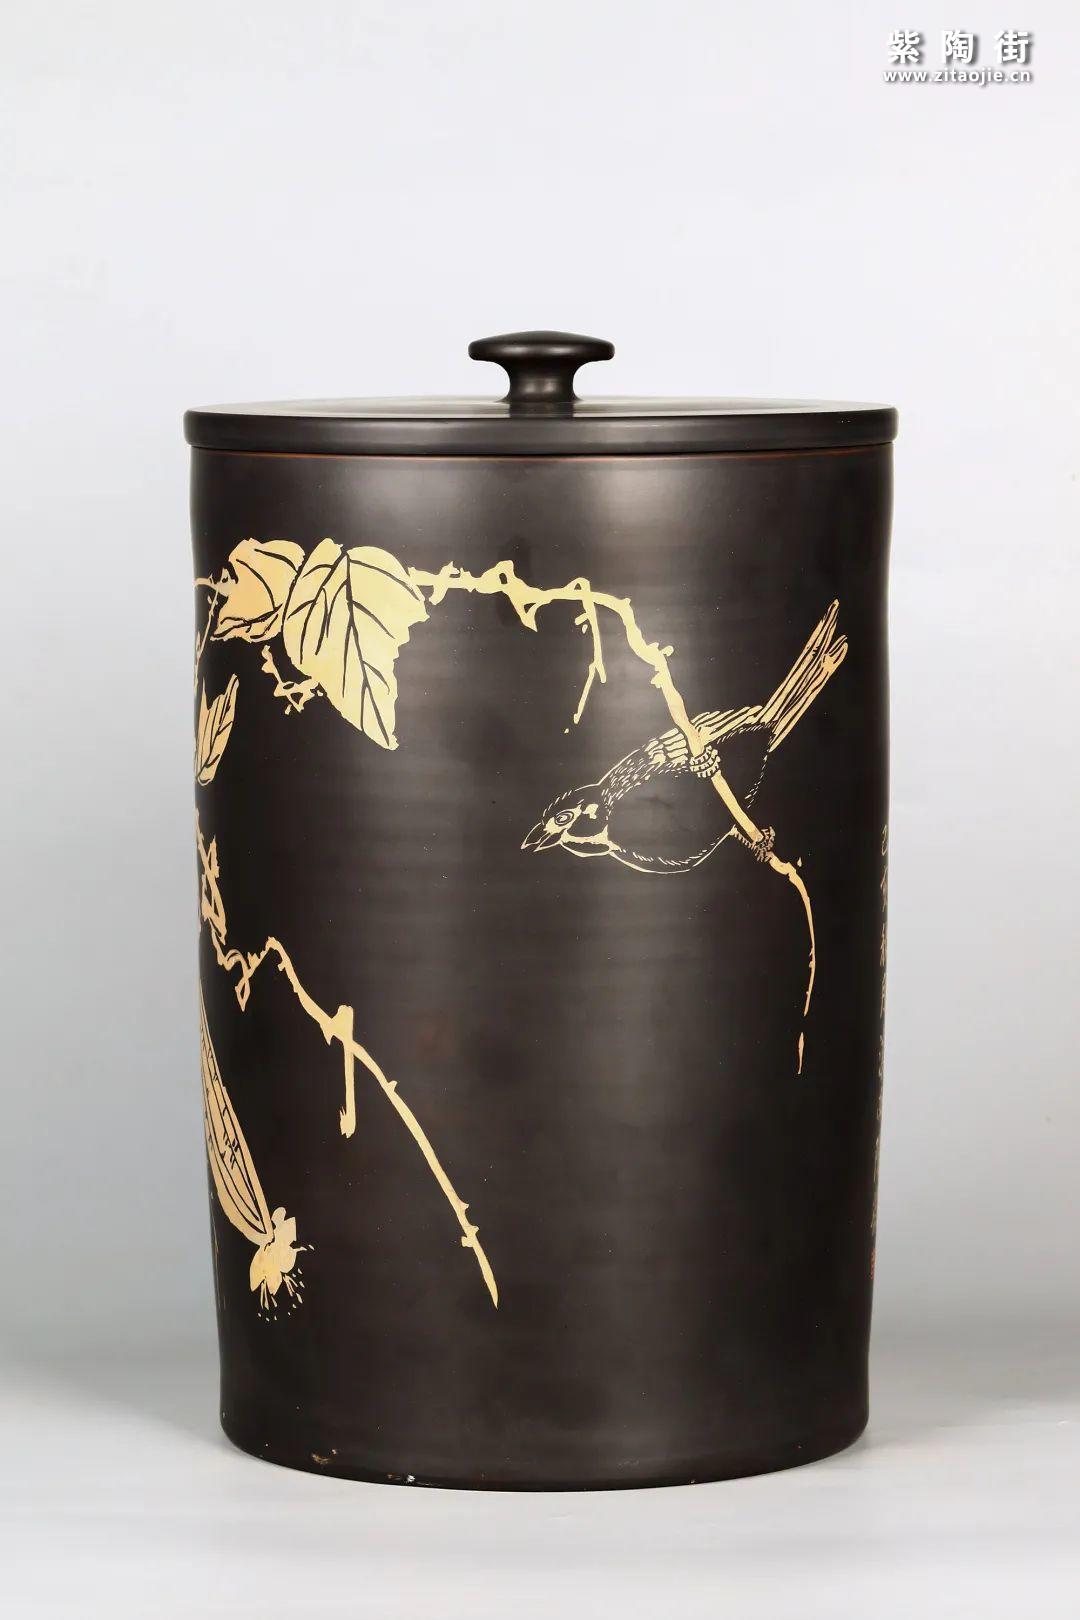 花鸟装饰的建水紫陶茶缸插图7